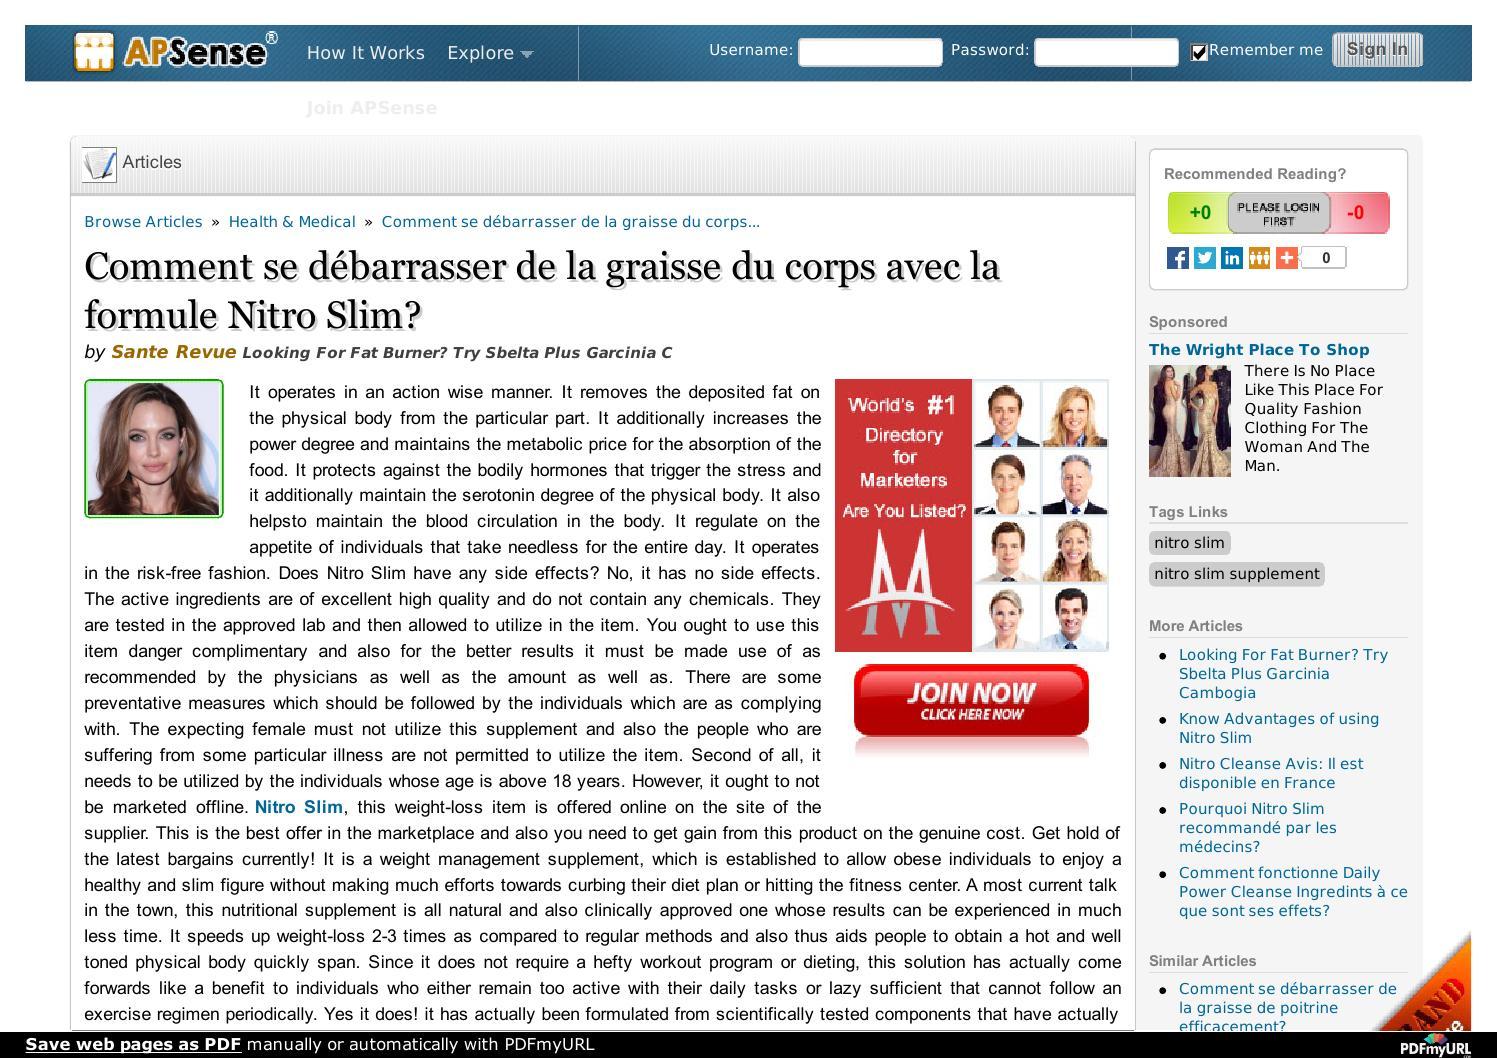 152716fa94269a Yat-il un effet secondaire de Nitro Slim? by santerevue - issuu